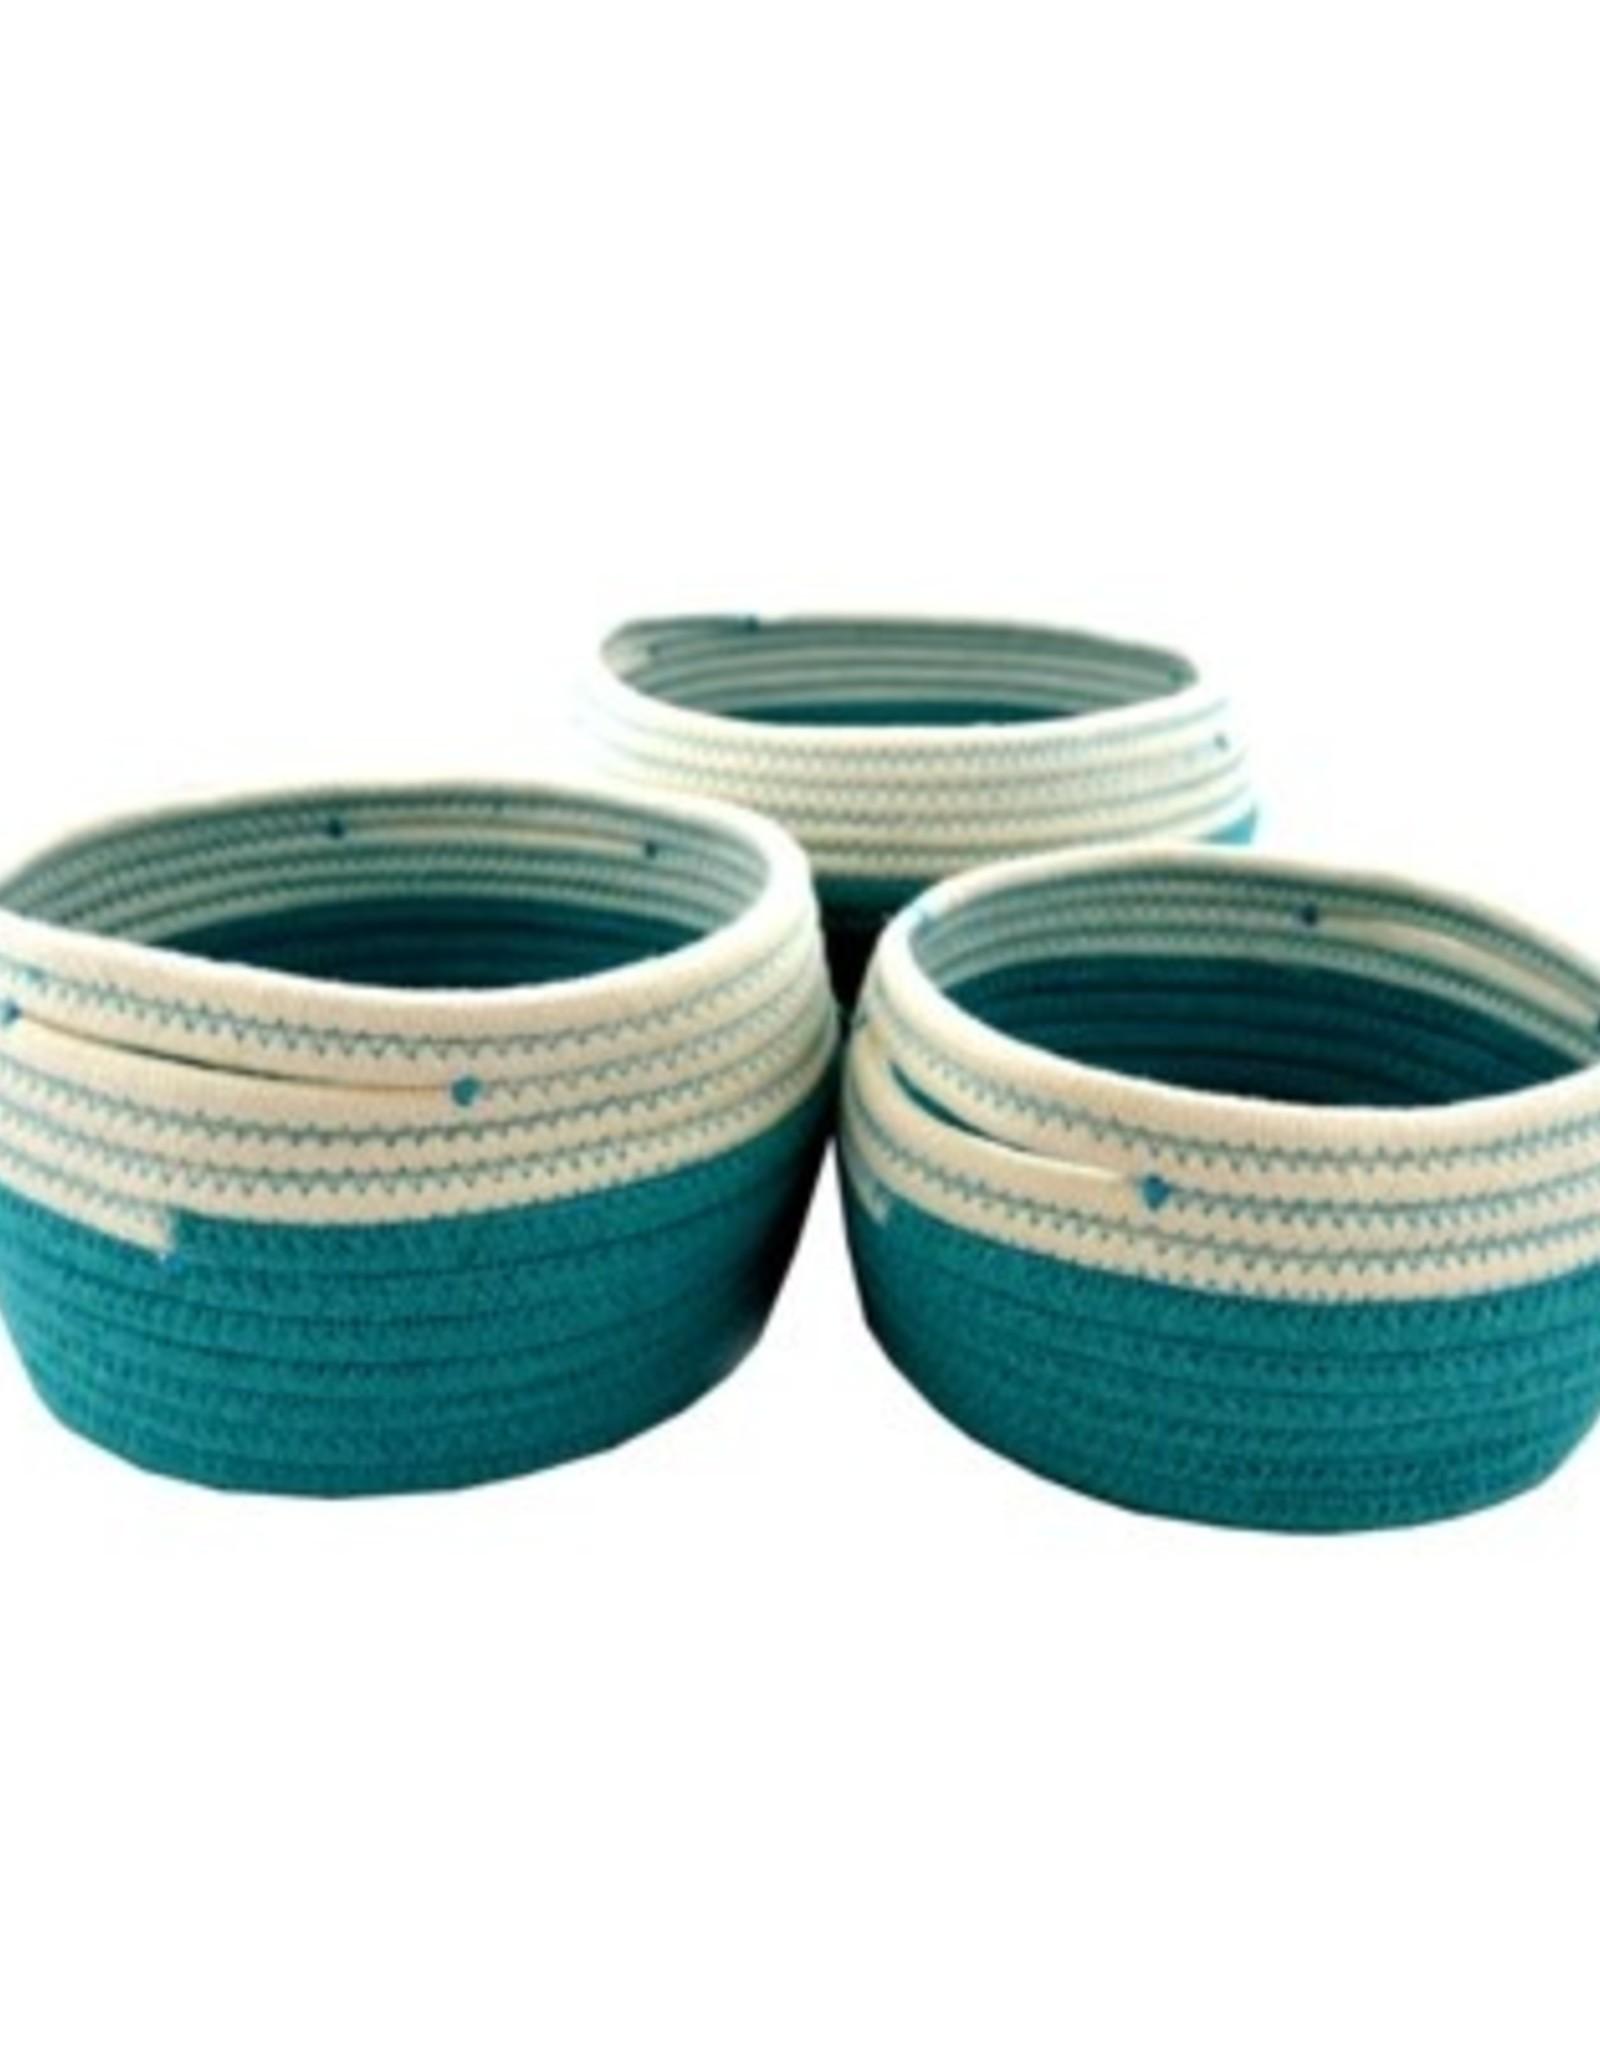 Nostalgia Basket Nostalgia Storage Turquoise Small 709-084